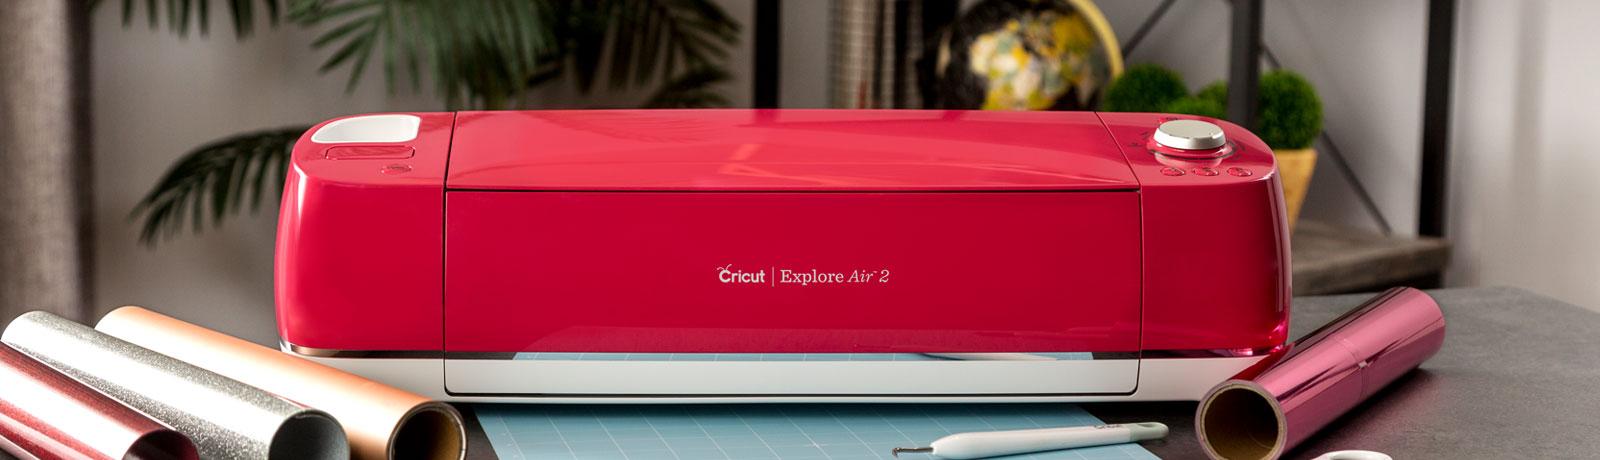 Cricut Air 2 + 1 month Cricut Access 171 pretax or Cricut Air 2 + Esstinal Bundle + 1 month Cricut Access $194.49 pre-tax